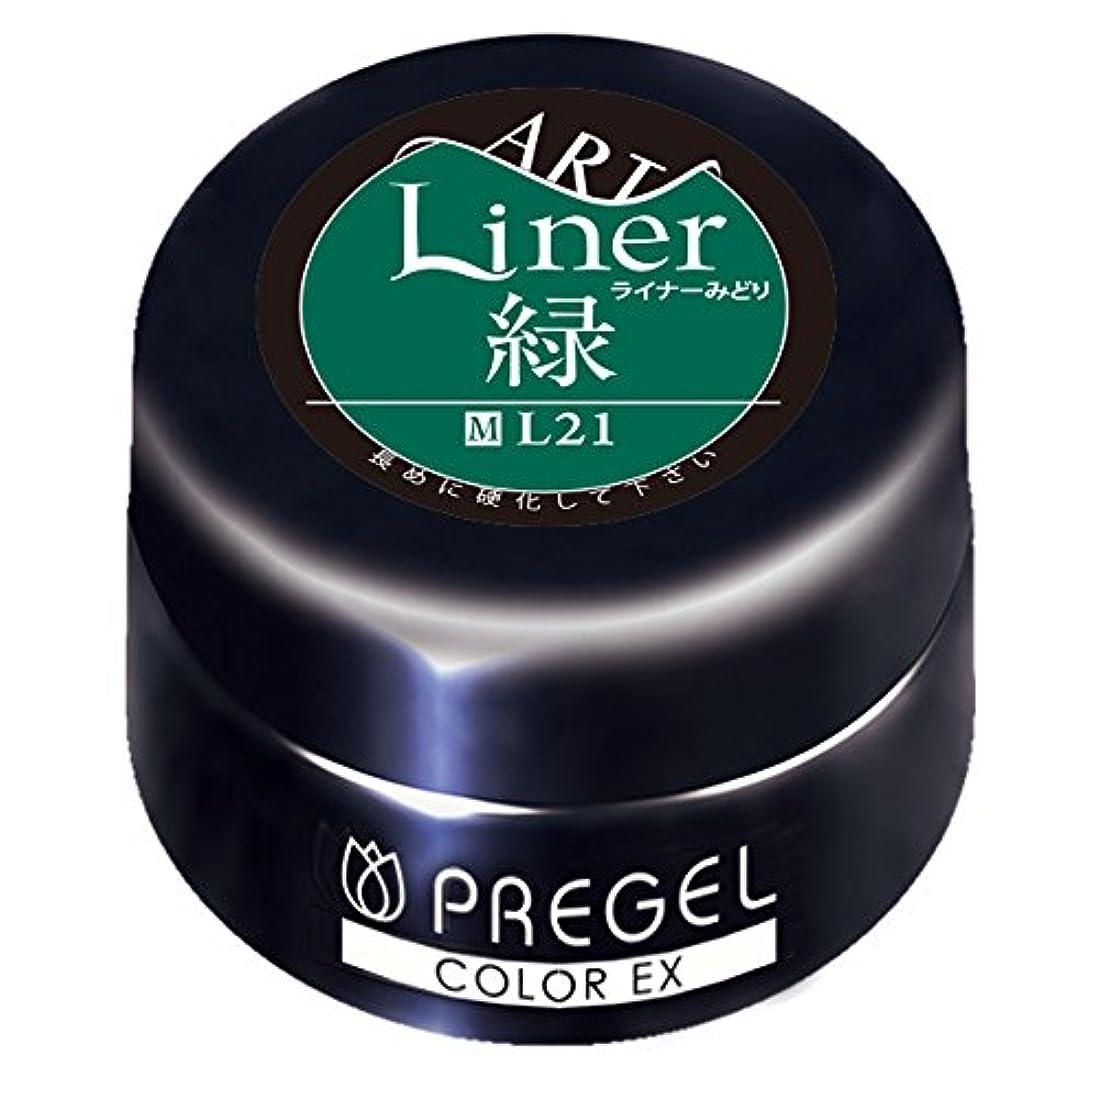 偽恩恵砲撃PRE GEL カラーEX ライナー緑21 4g UV/LED対応